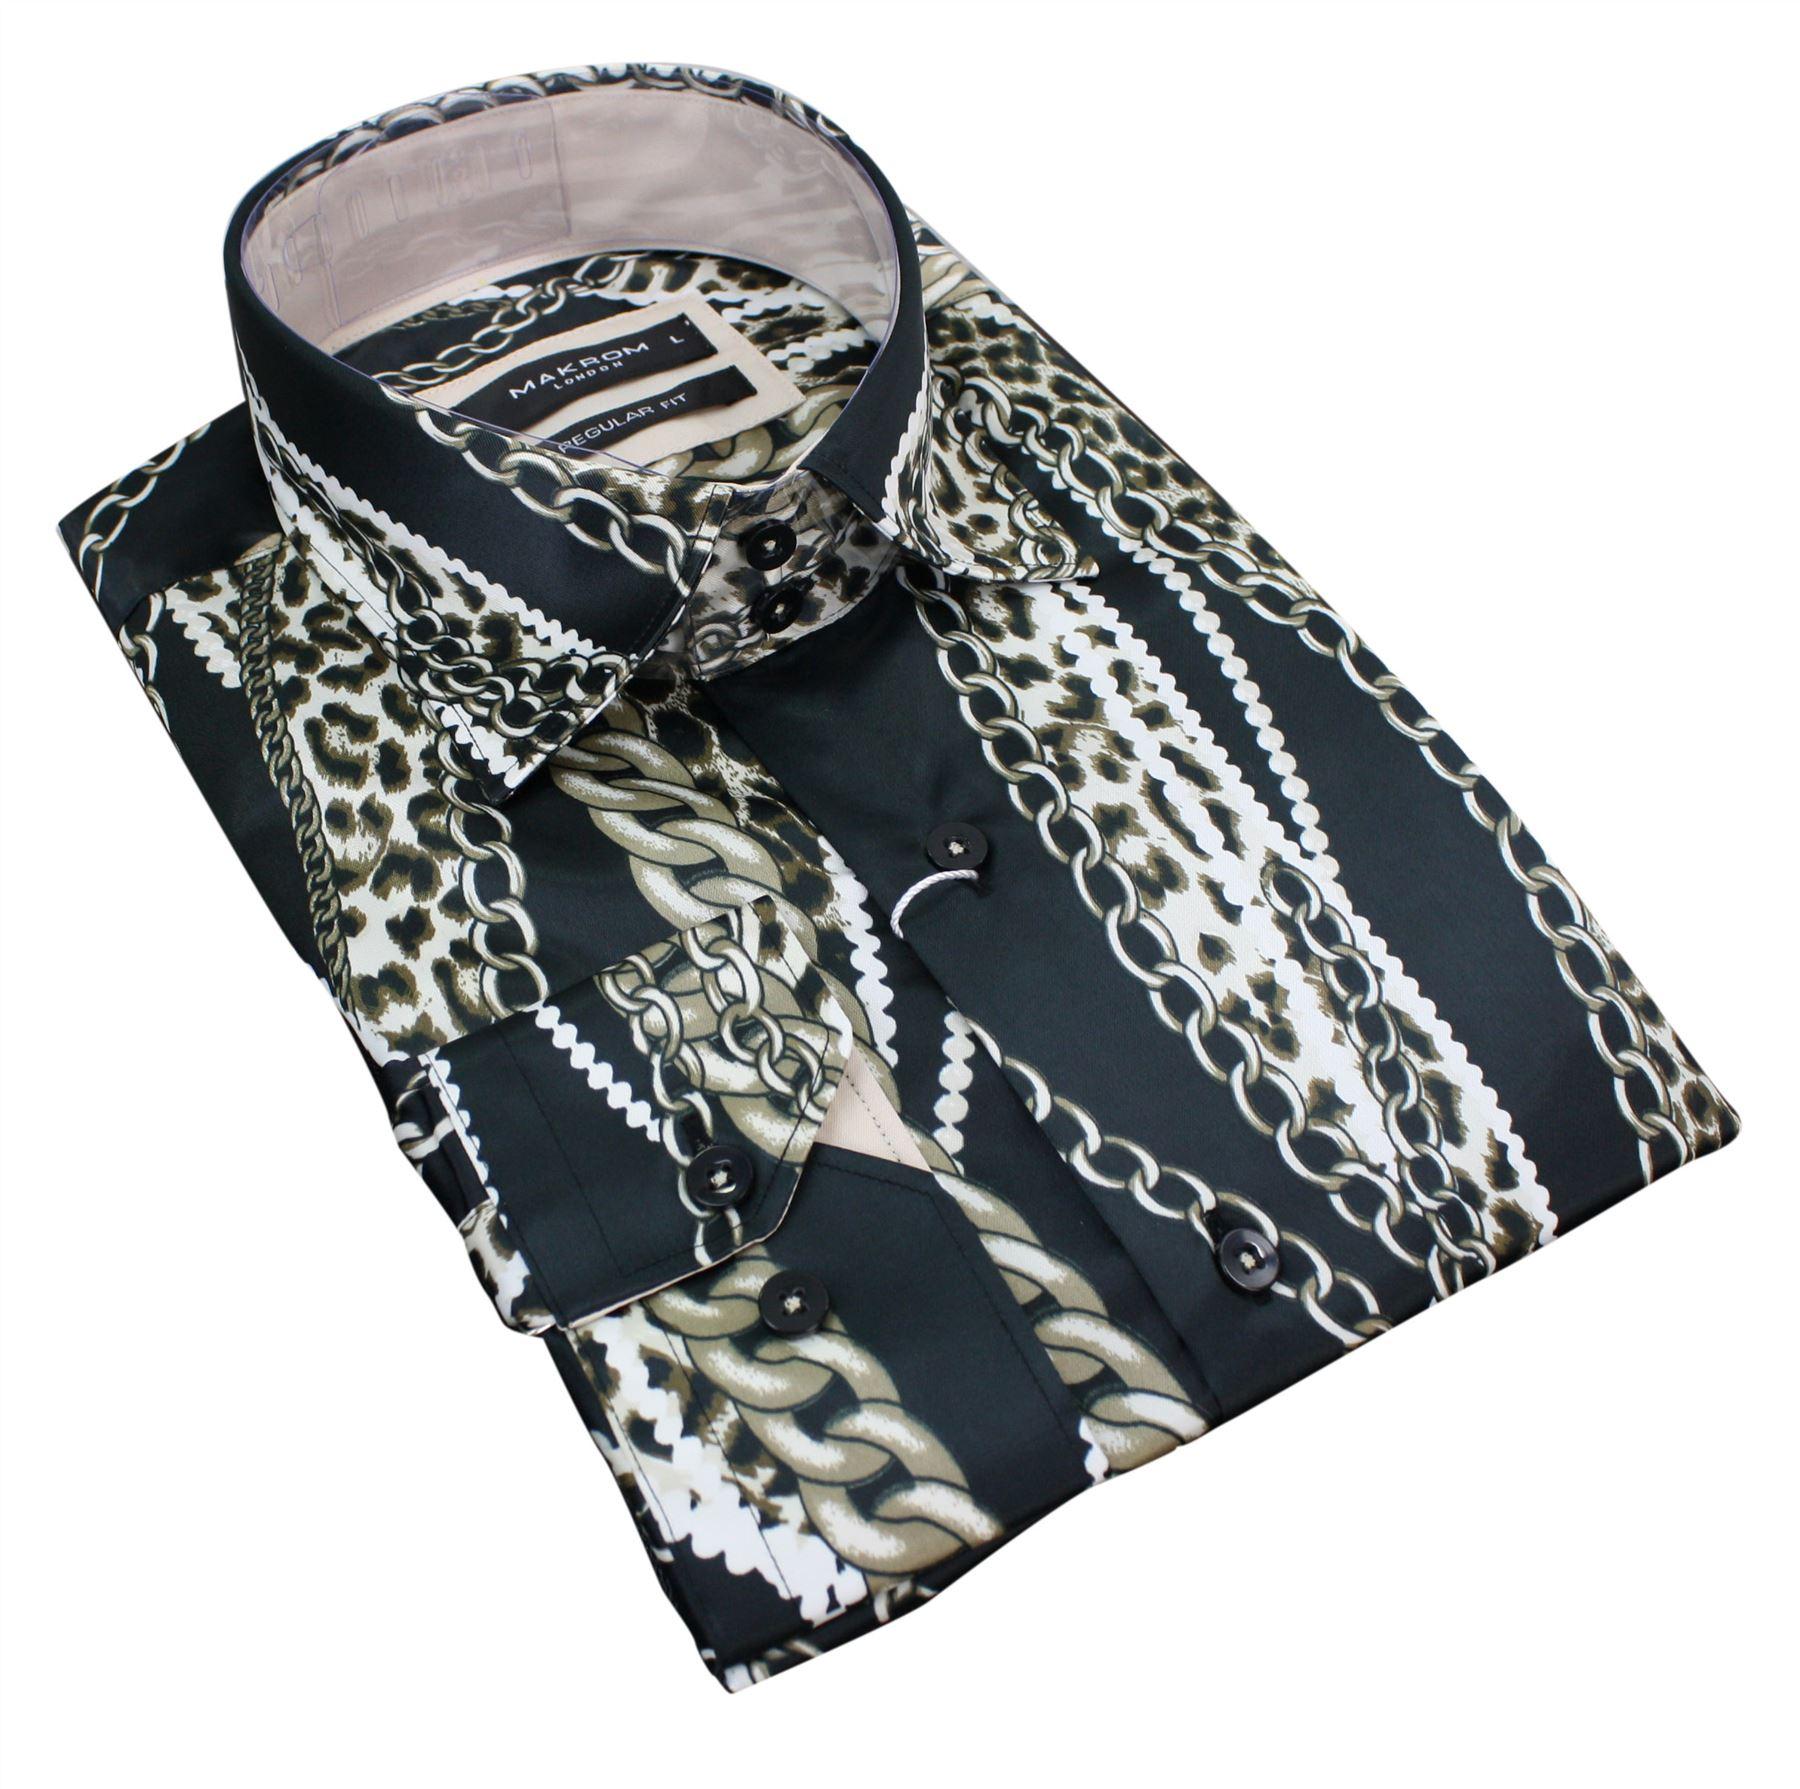 chemise homme tissu effet satin soie dor noir argent. Black Bedroom Furniture Sets. Home Design Ideas